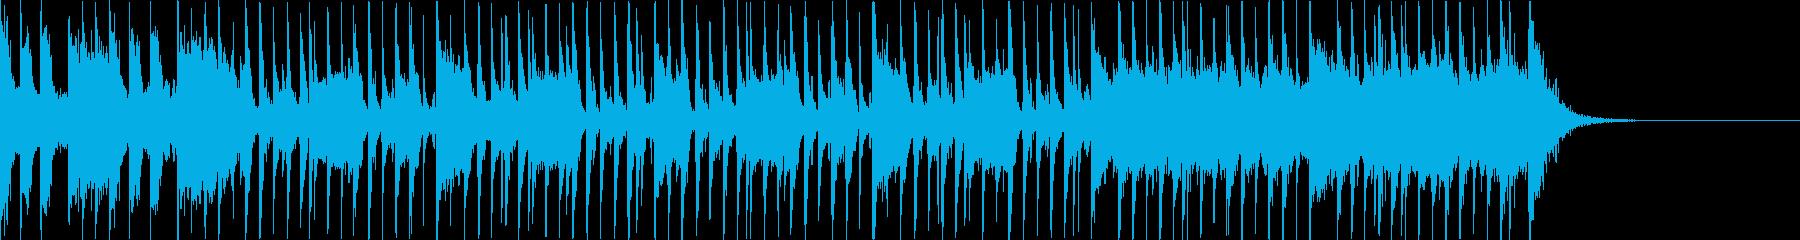 太鼓+三味線+尺八 和風FunkRockの再生済みの波形